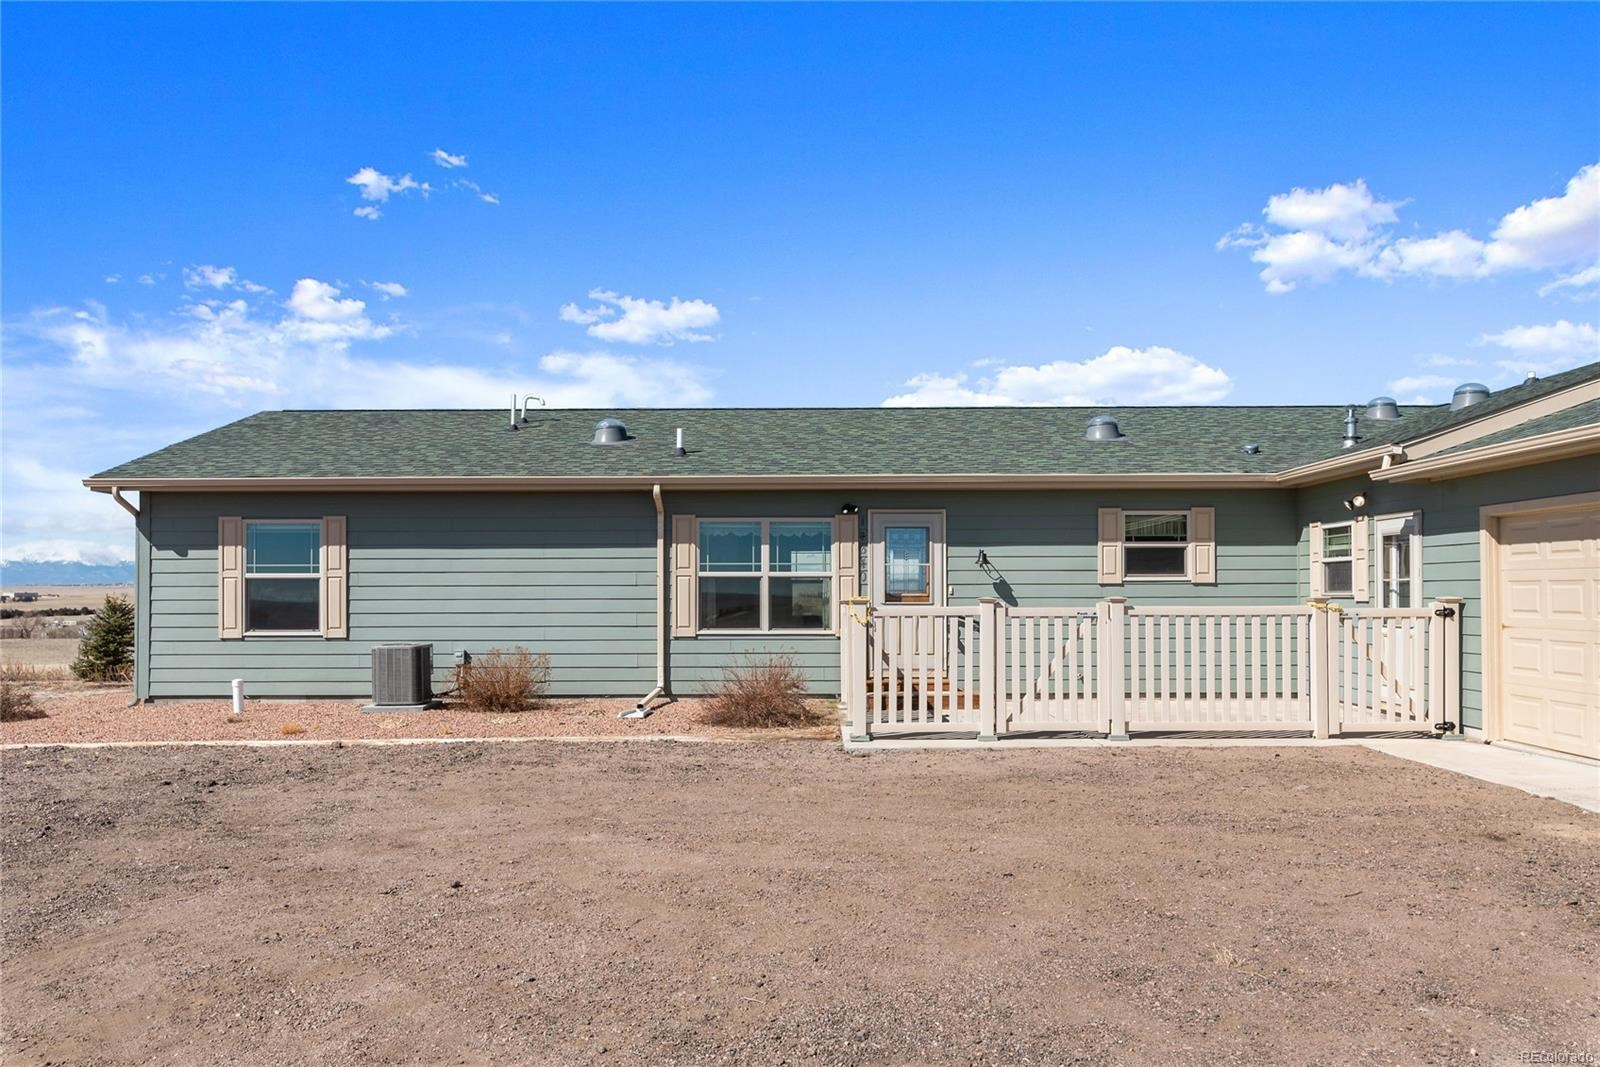 MLS# 6452217 - 1 - 14640  Wagon Trail, Peyton, CO 80831